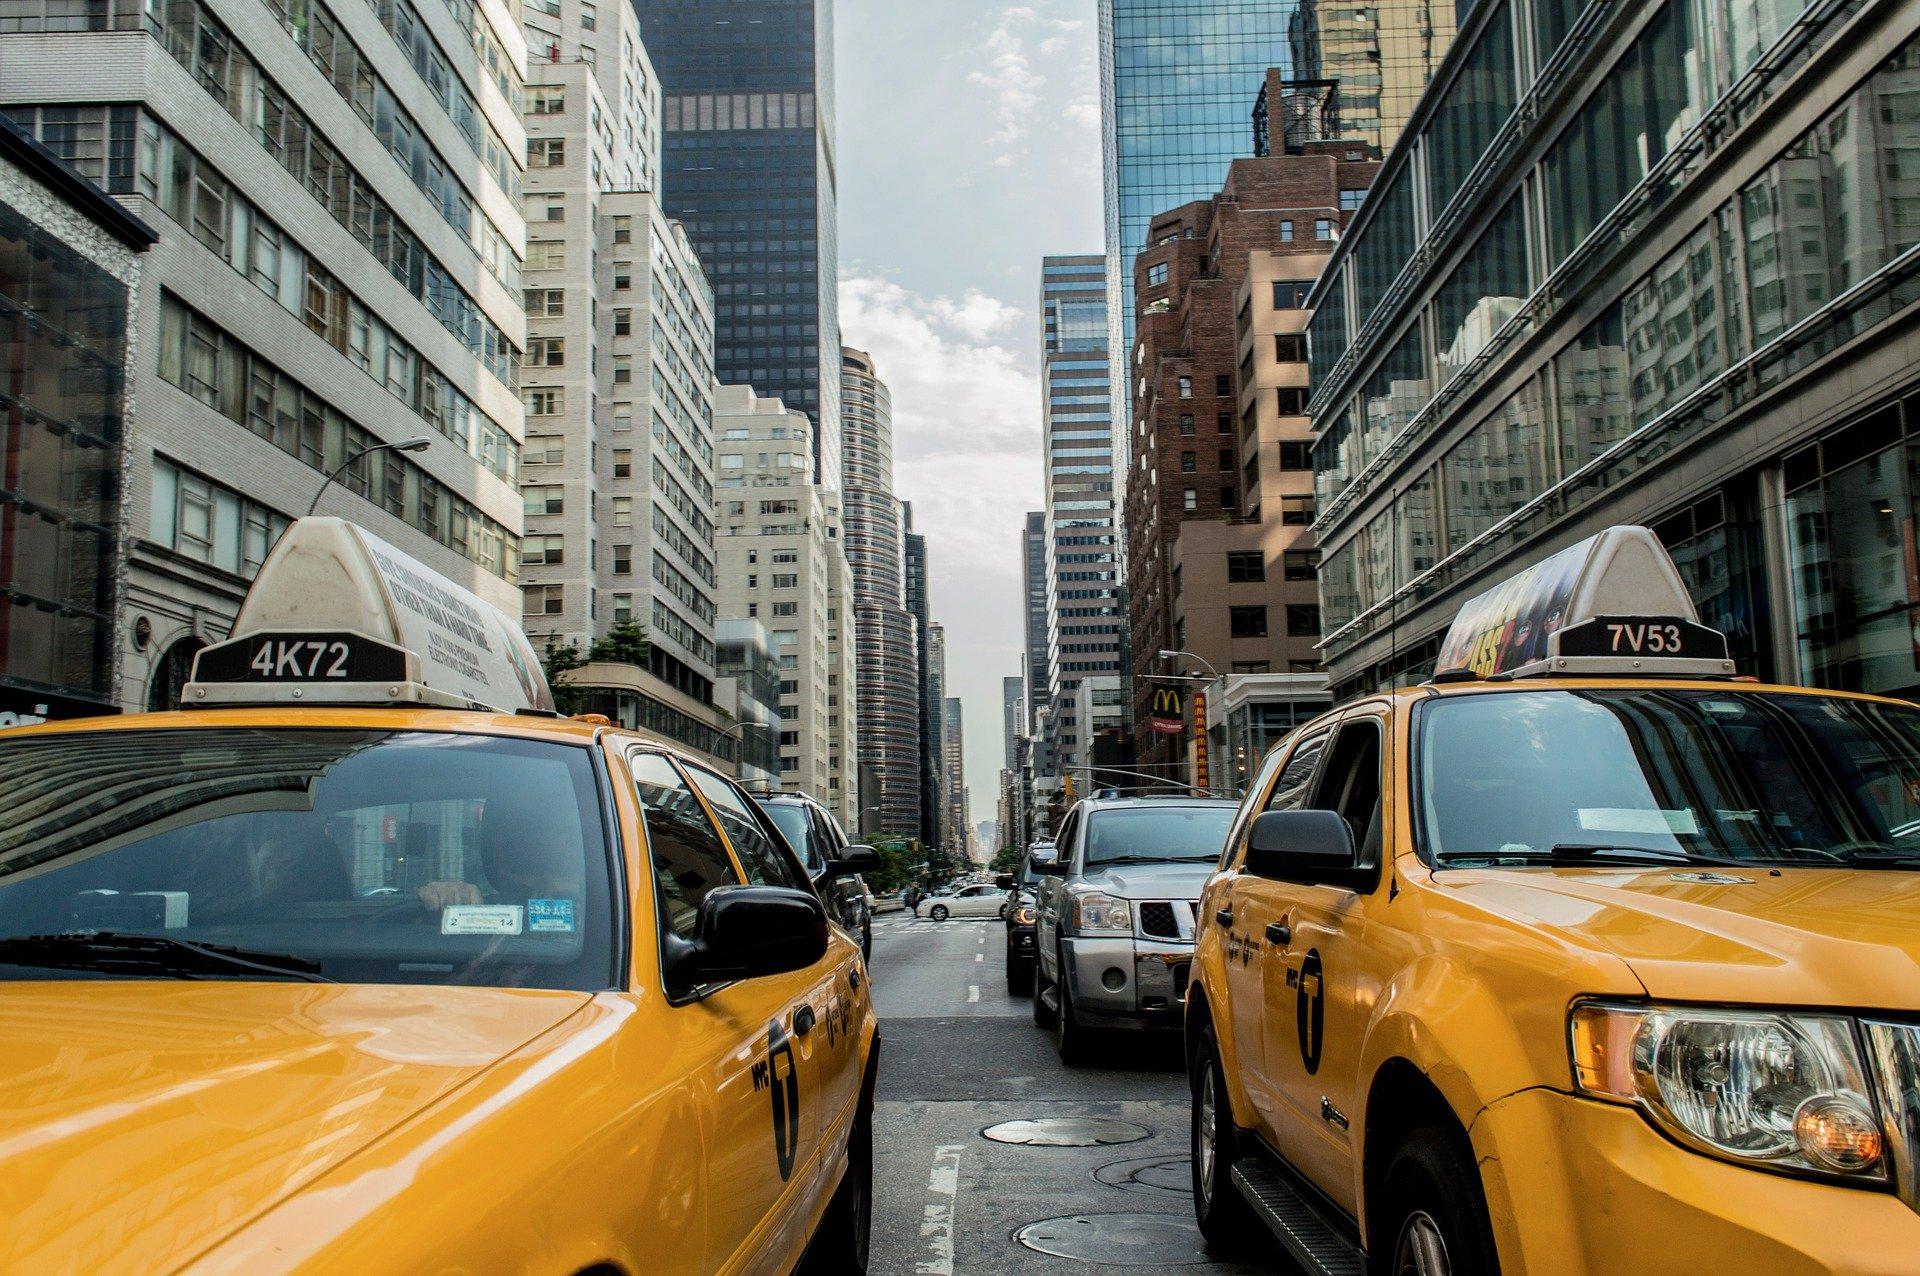 taxi-381233_1920 (2)